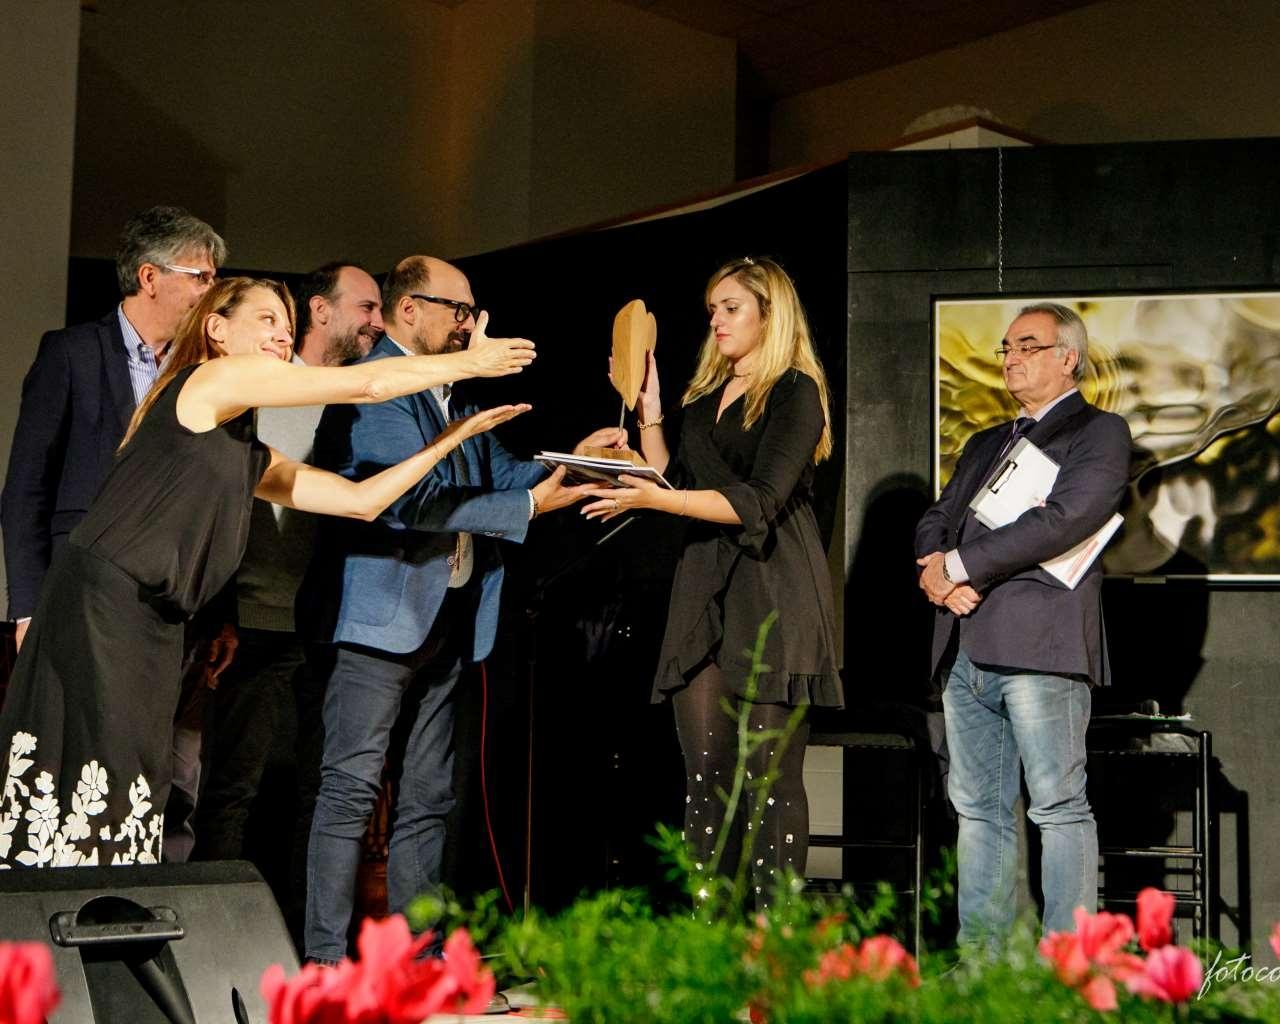 SANREMO-VIDEOCLIP-AWARD_MADRISIO-25OTTOBRE2019_033